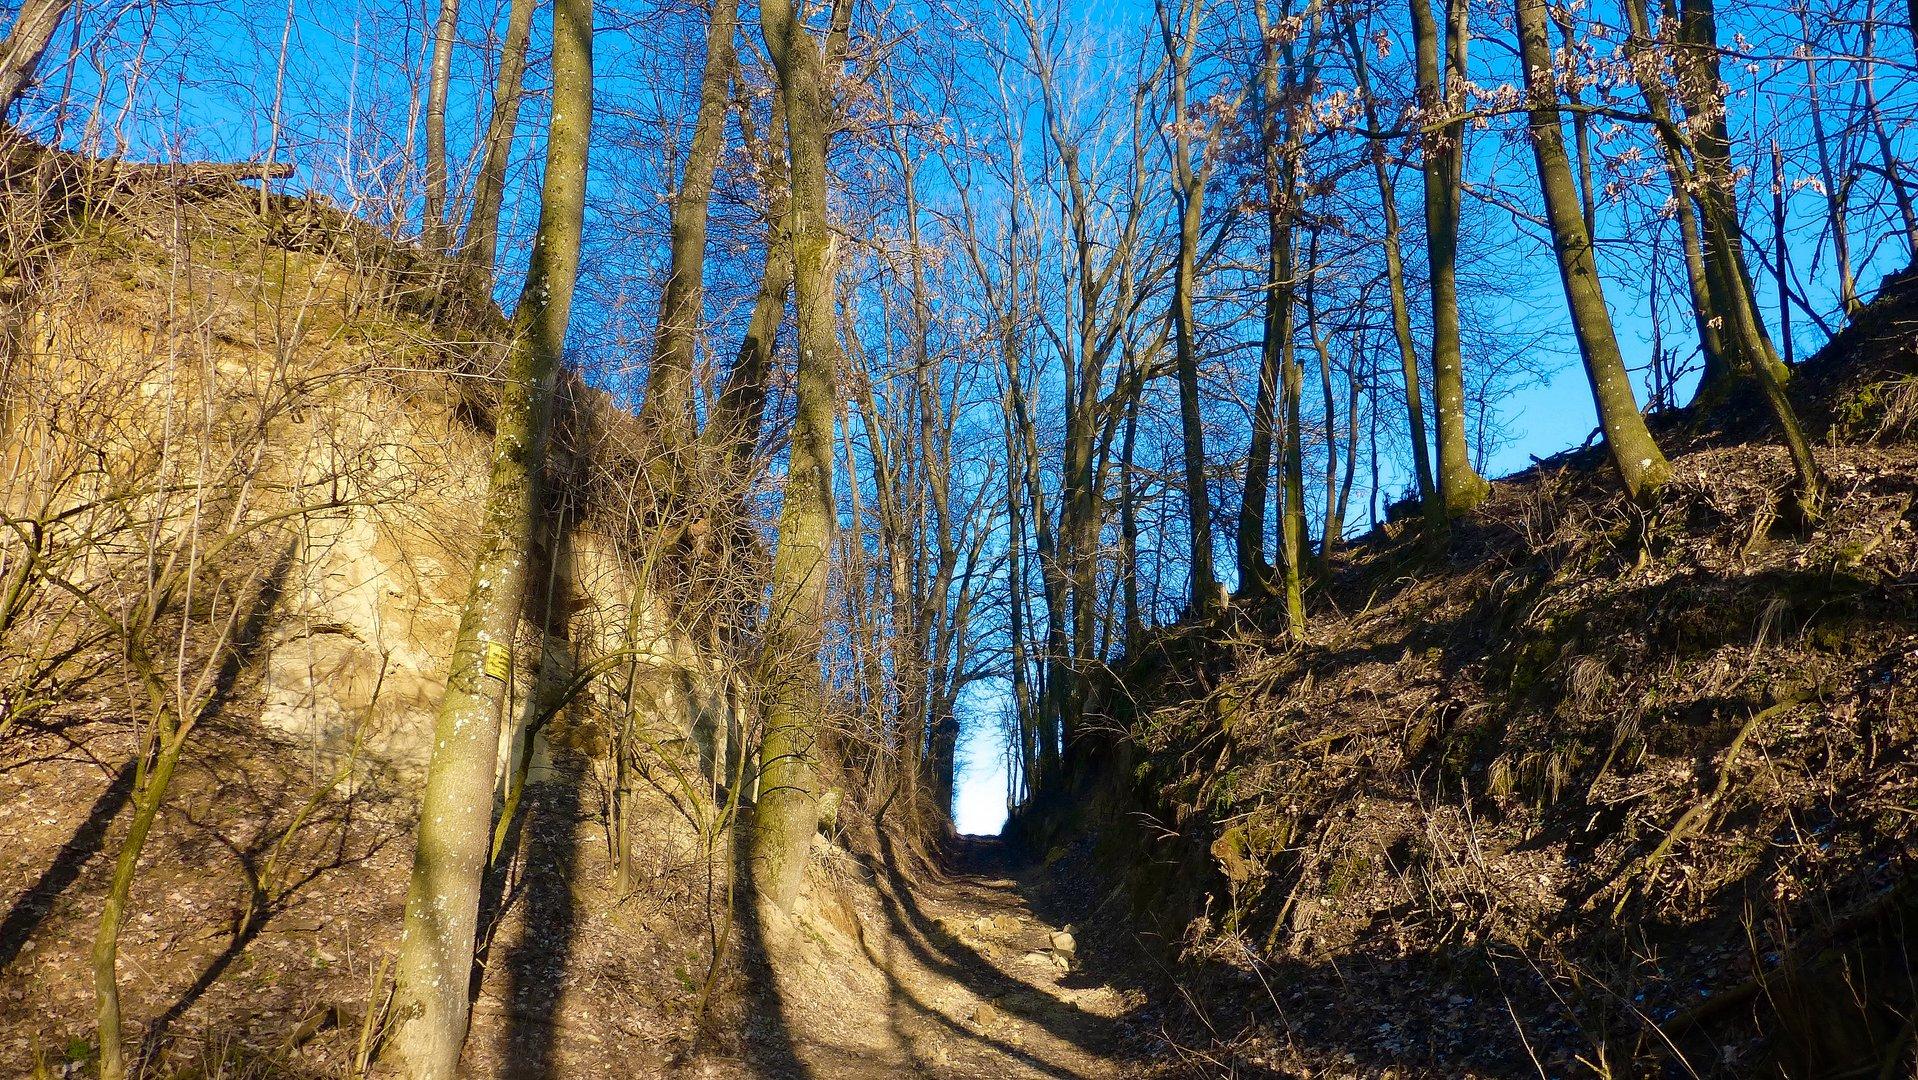 Eingang in die Natur